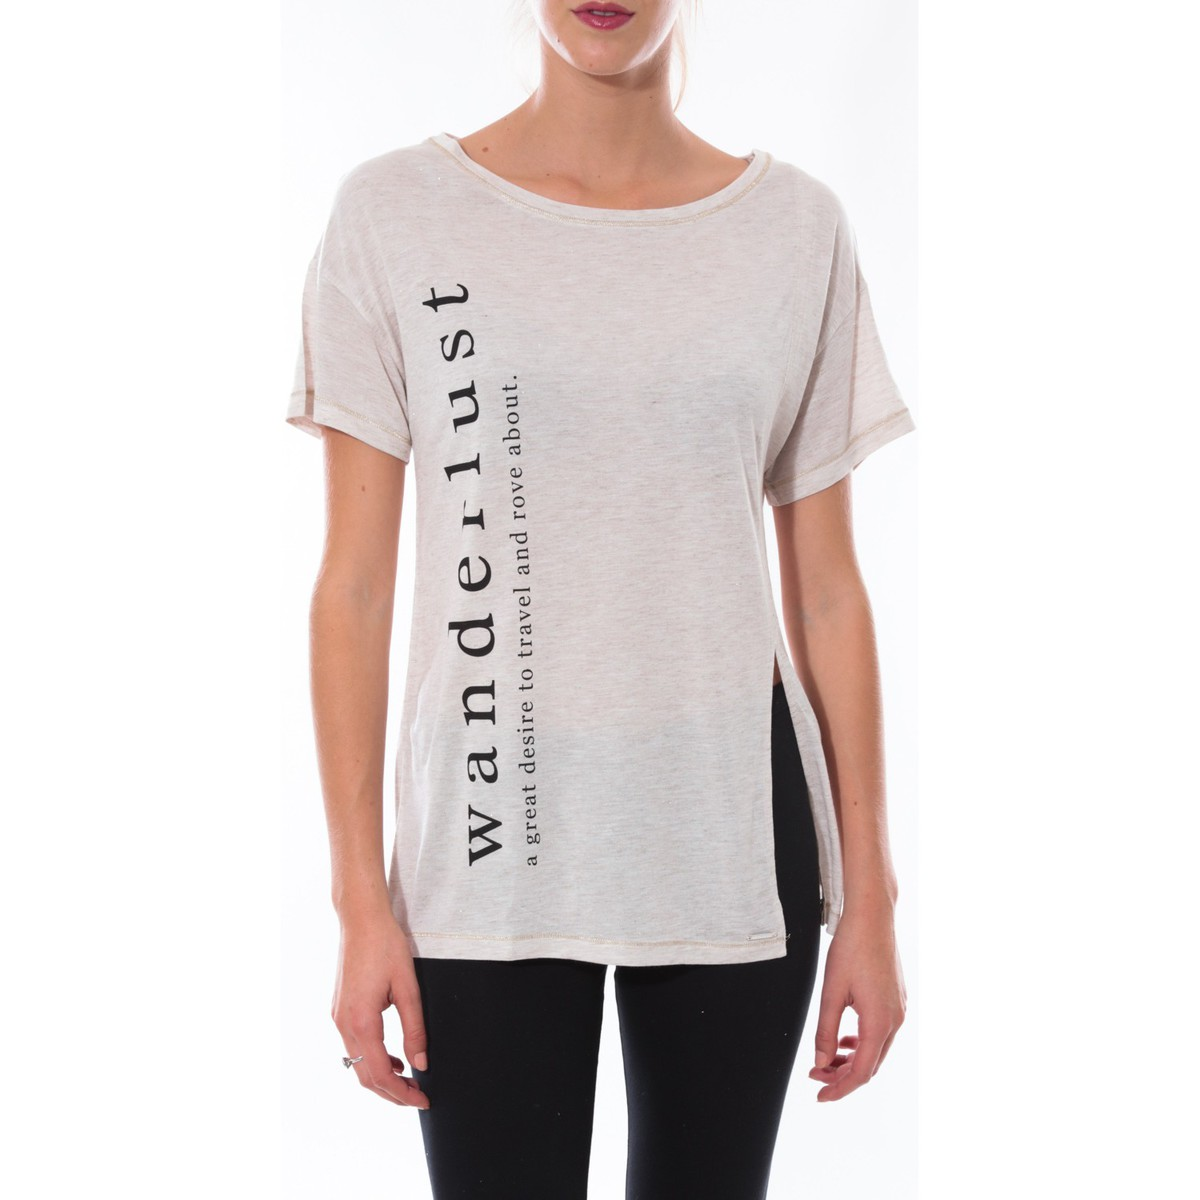 Coquelicot T-shirt  Beige 16406 Beige